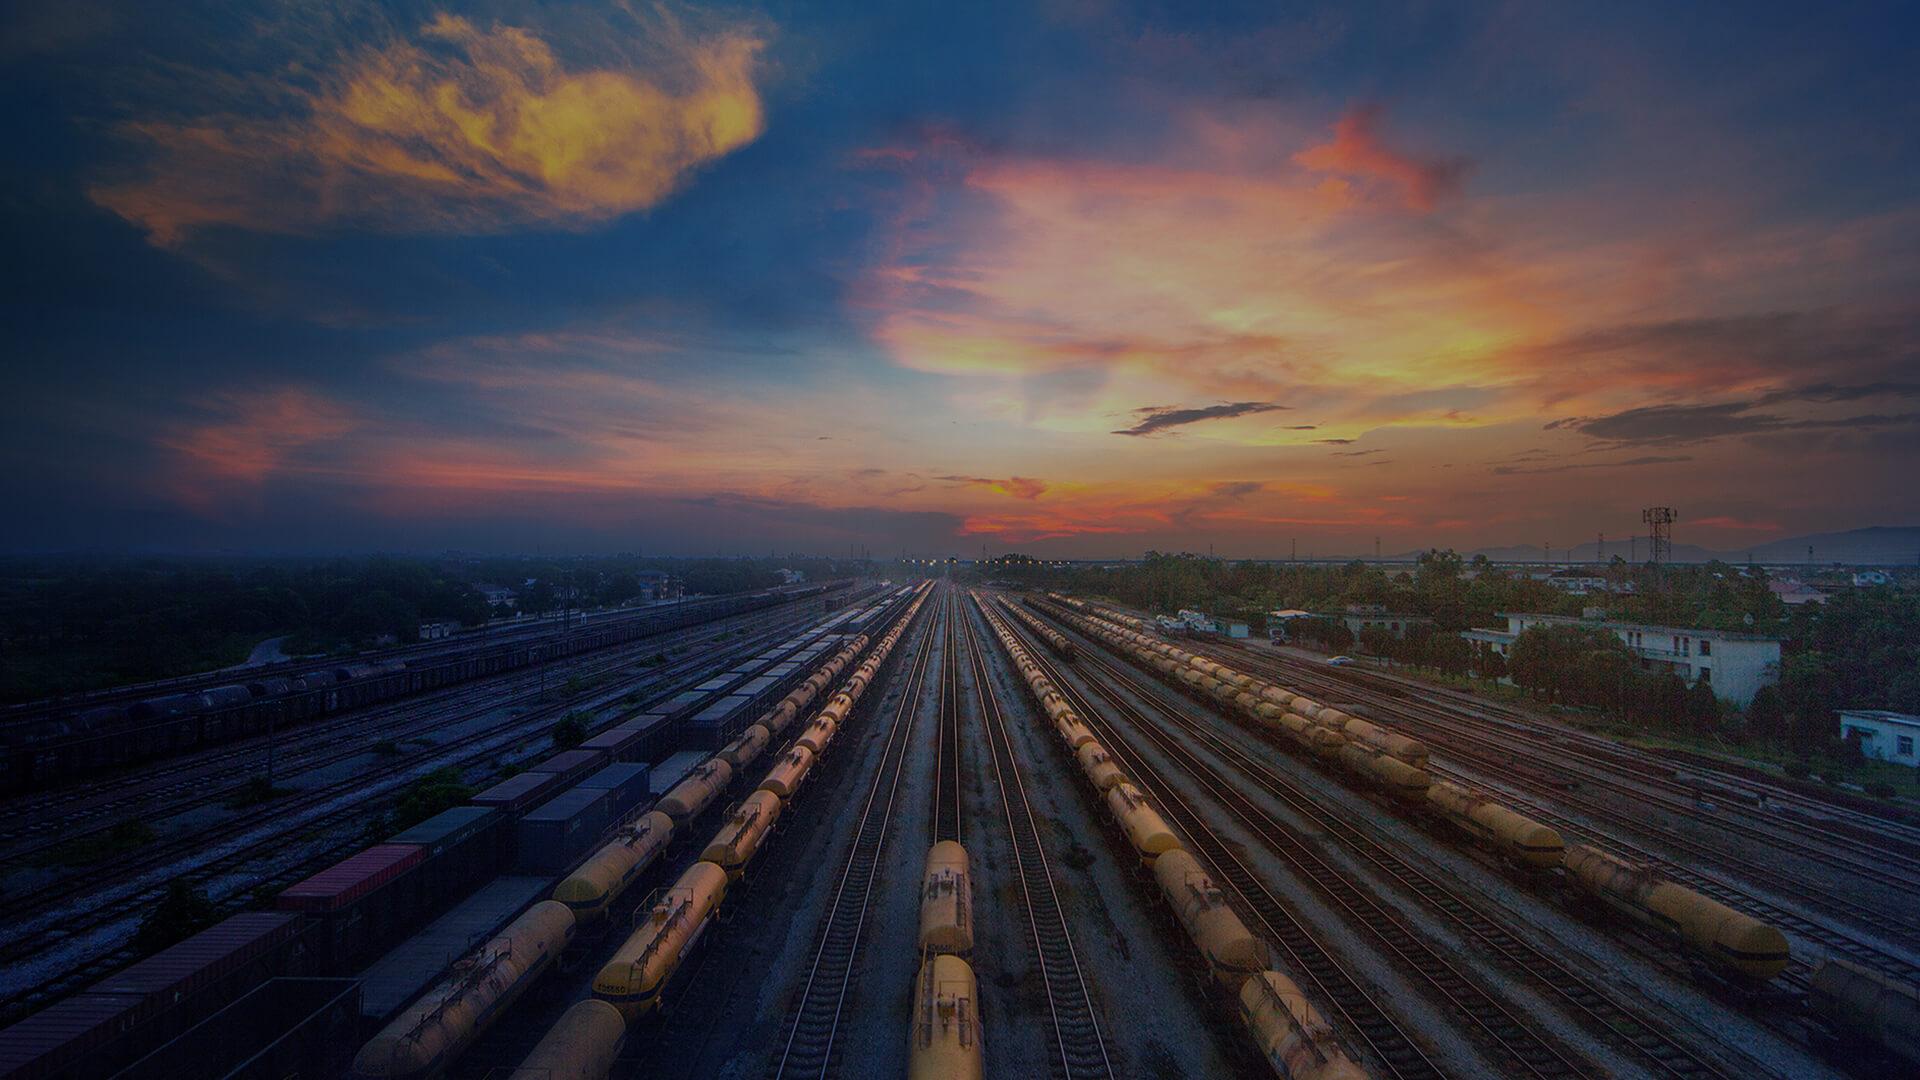 江西铜业集团公司成立于1979年